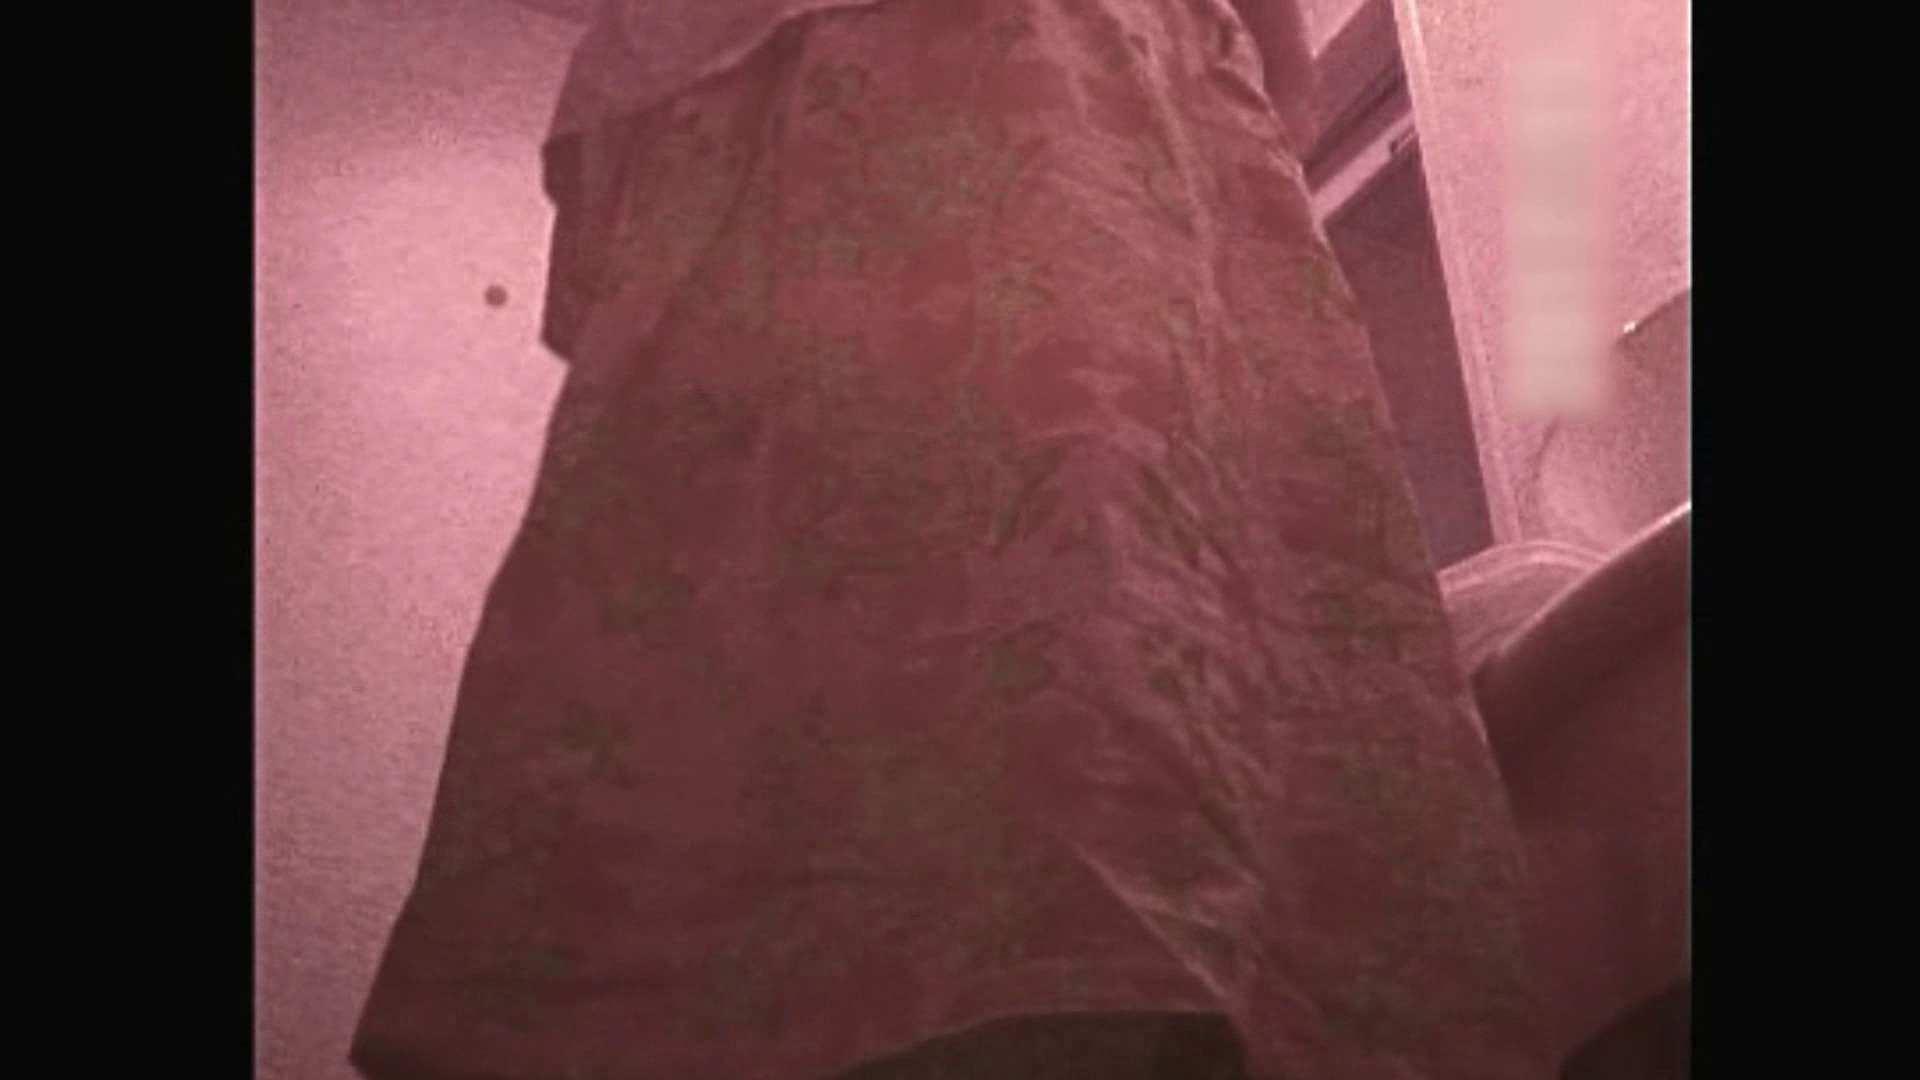 ▲復活限定D▲禁断塾講のおしえ子(シリーズⅢ)あみちゃん  Vol.23脱衣編 ホテル オマンコ無修正動画無料 84連発 71